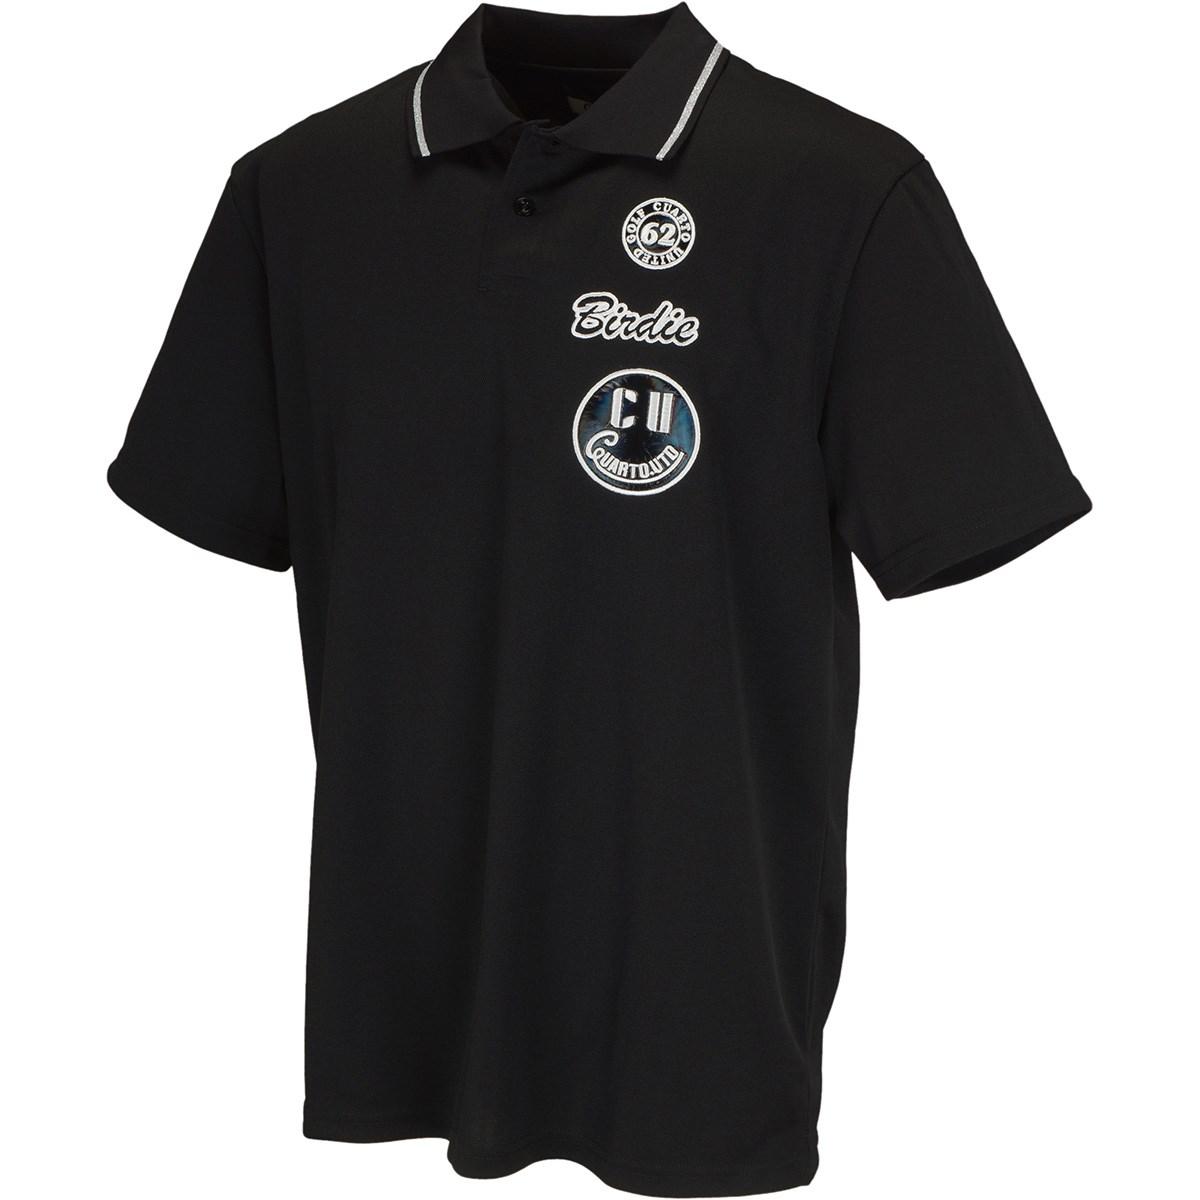 [アウトレット] [50%OFF 在庫限りのお買い得商品] クアルトユナイテッド ワッペンシンプル半袖ポロシャツ ブラック ゴルフウェア